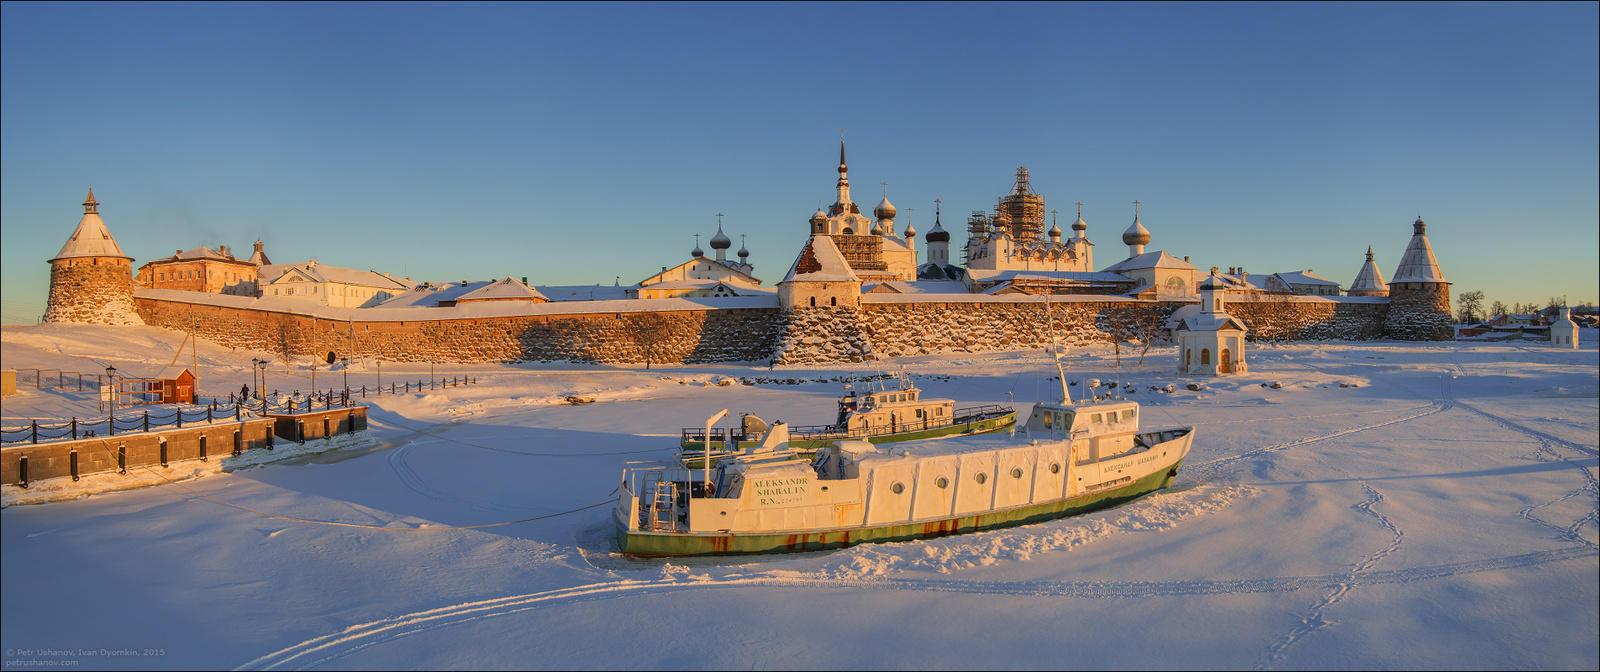 картинки достопримечательностей севера россии